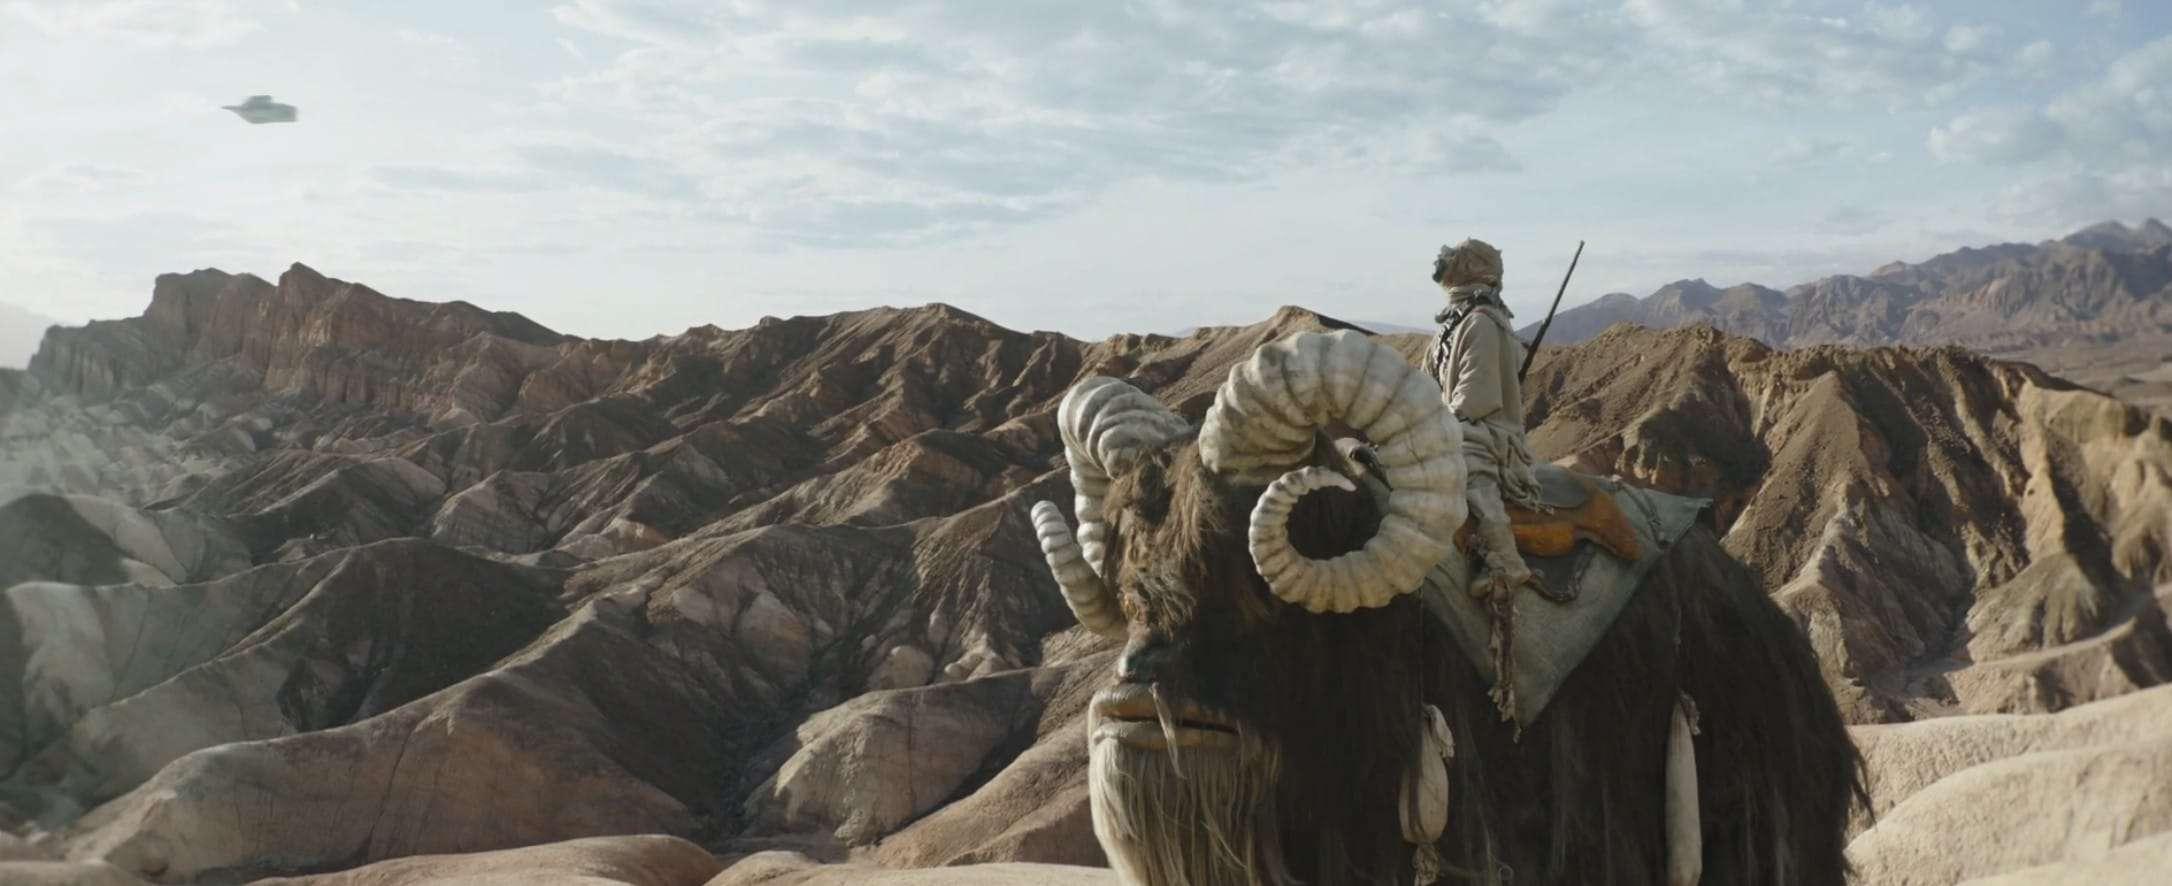 , The Mandalorian 2: Analisi e commento al trailer, Star Wars Addicted